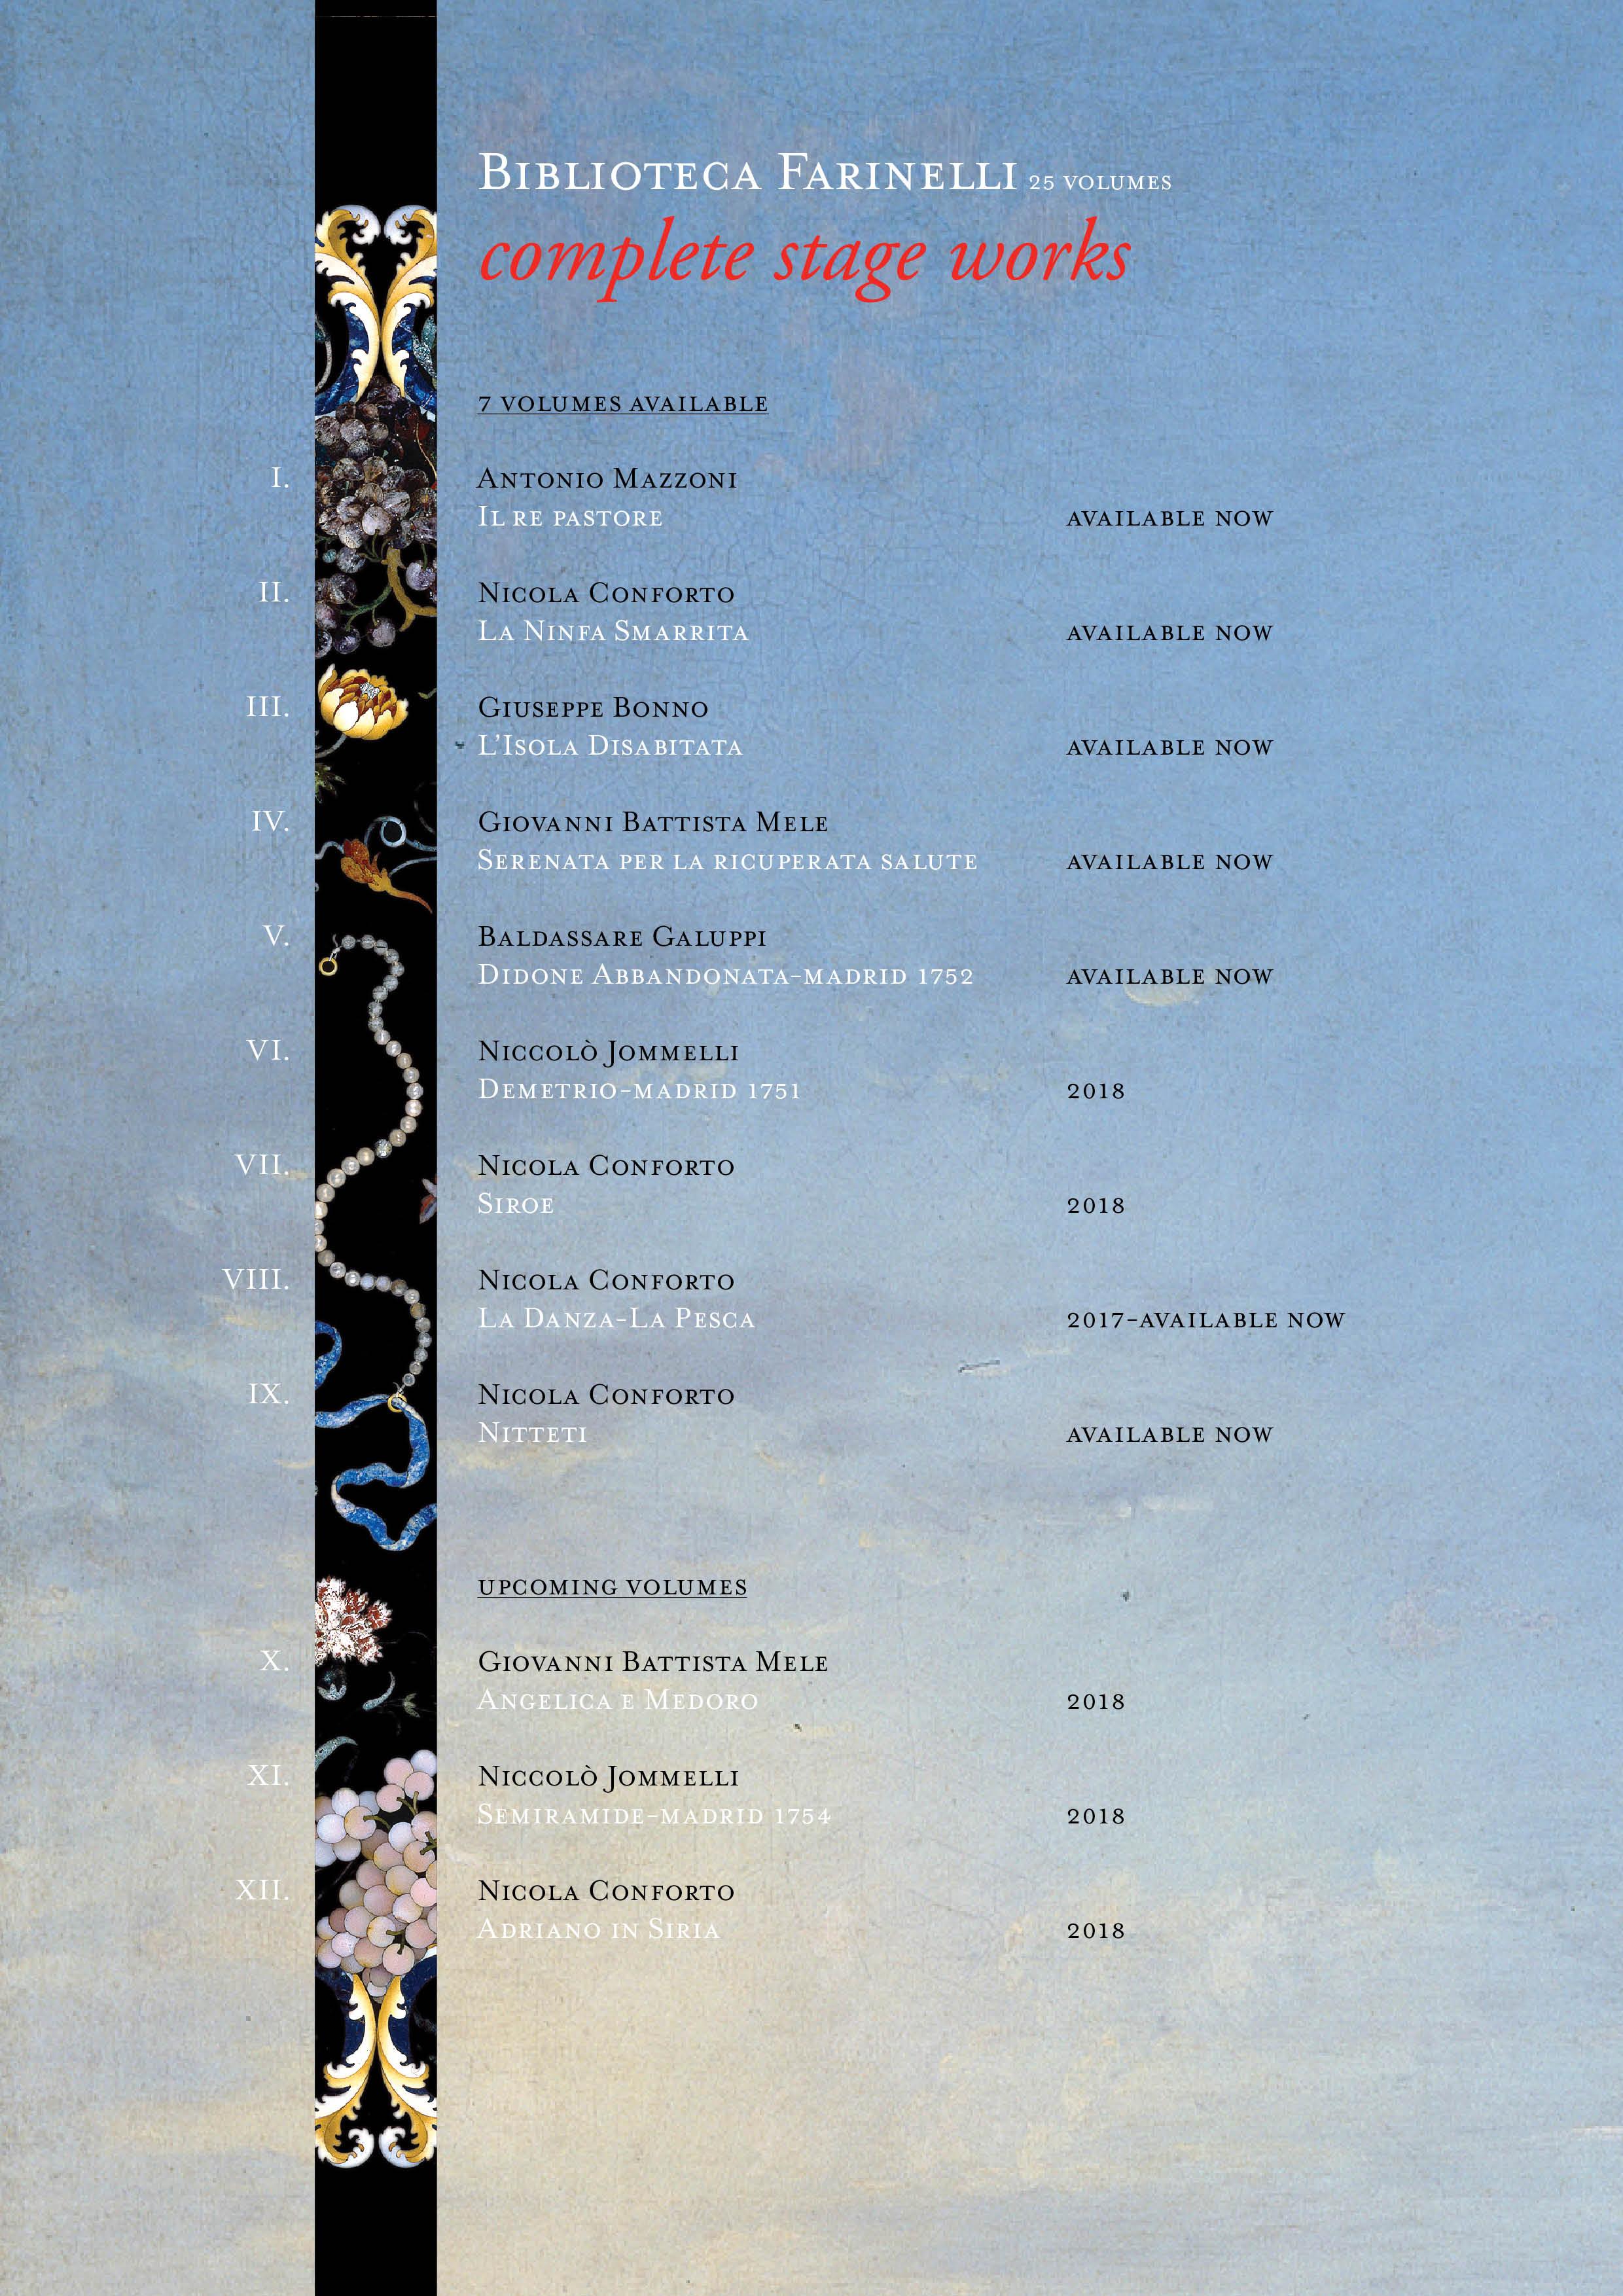 BIBLIOTECA FARINELLI